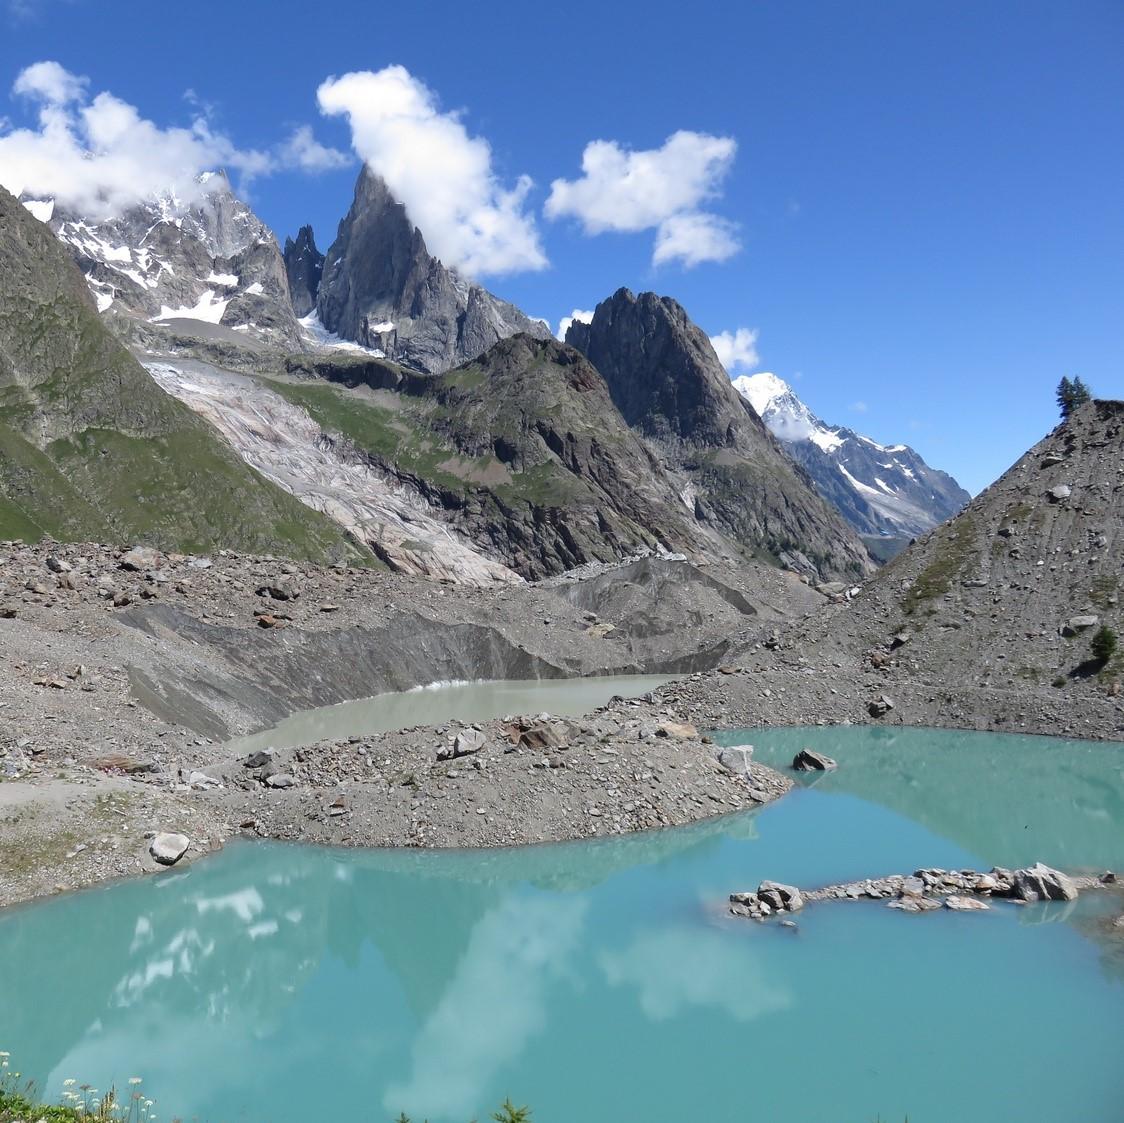 c46f8d5ae Tour du Mont Blanc South - 7 days